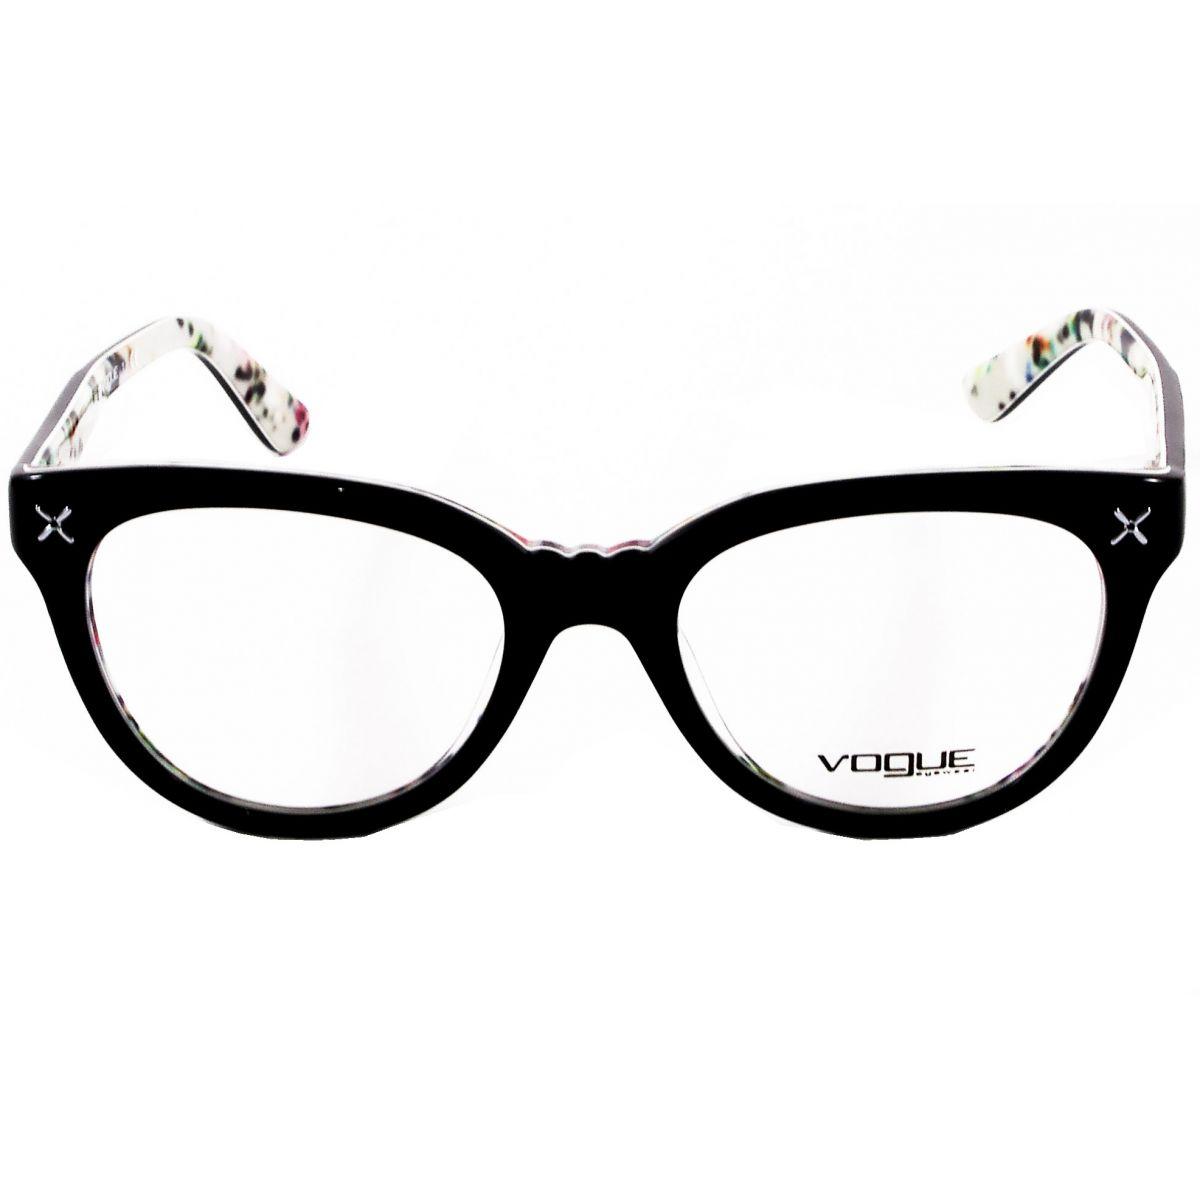 3740413a20074 Óculos De Grau Feminino Vogue VO2887 2210 Tam.51Vogue OriginalVogue ...